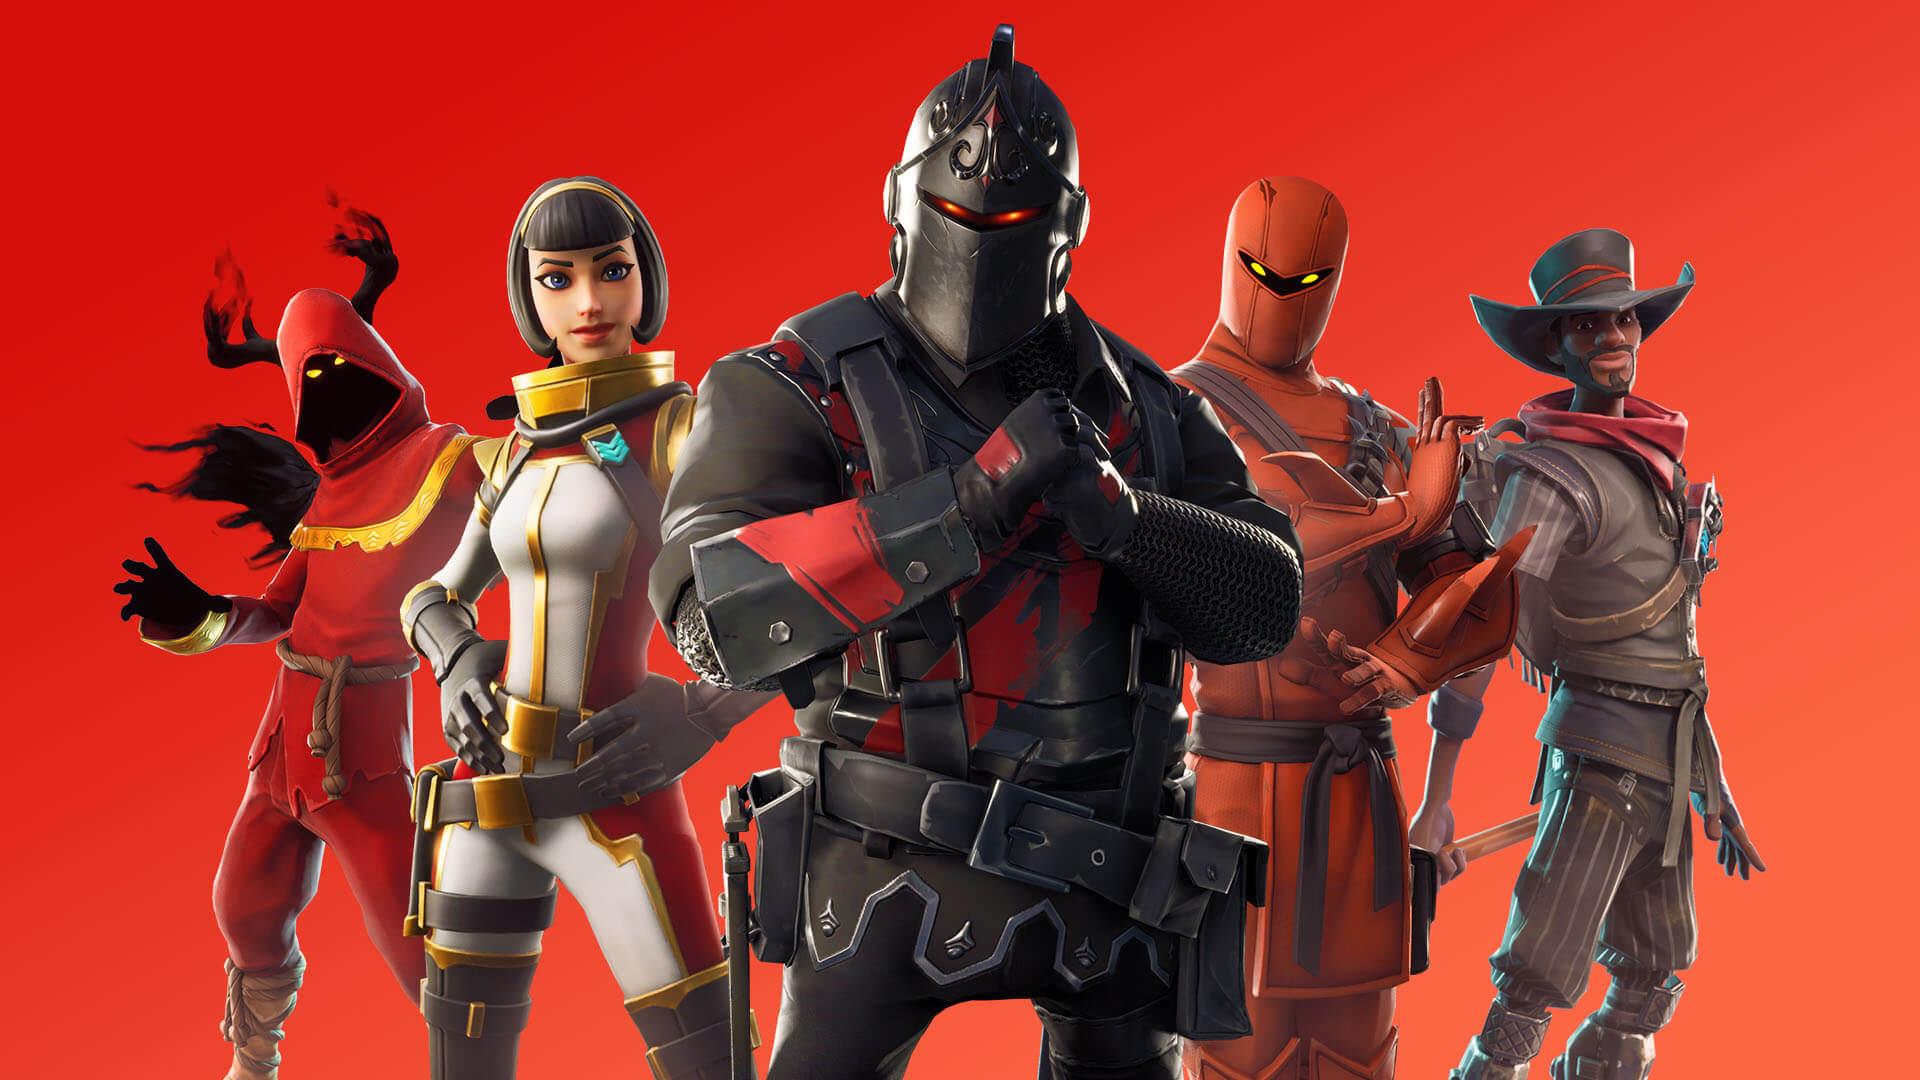 Fundo vermelho com cinco personagens de fortnite na frente, sendo um cavaleiro vestido de preto e veremlho, um ninja vestido de vermelho claro, uma astronauta de branco, dourado e vermelho, um coubói de marrom e vermelho e uma espécie de mago com chifres pretos e túnica vermelha